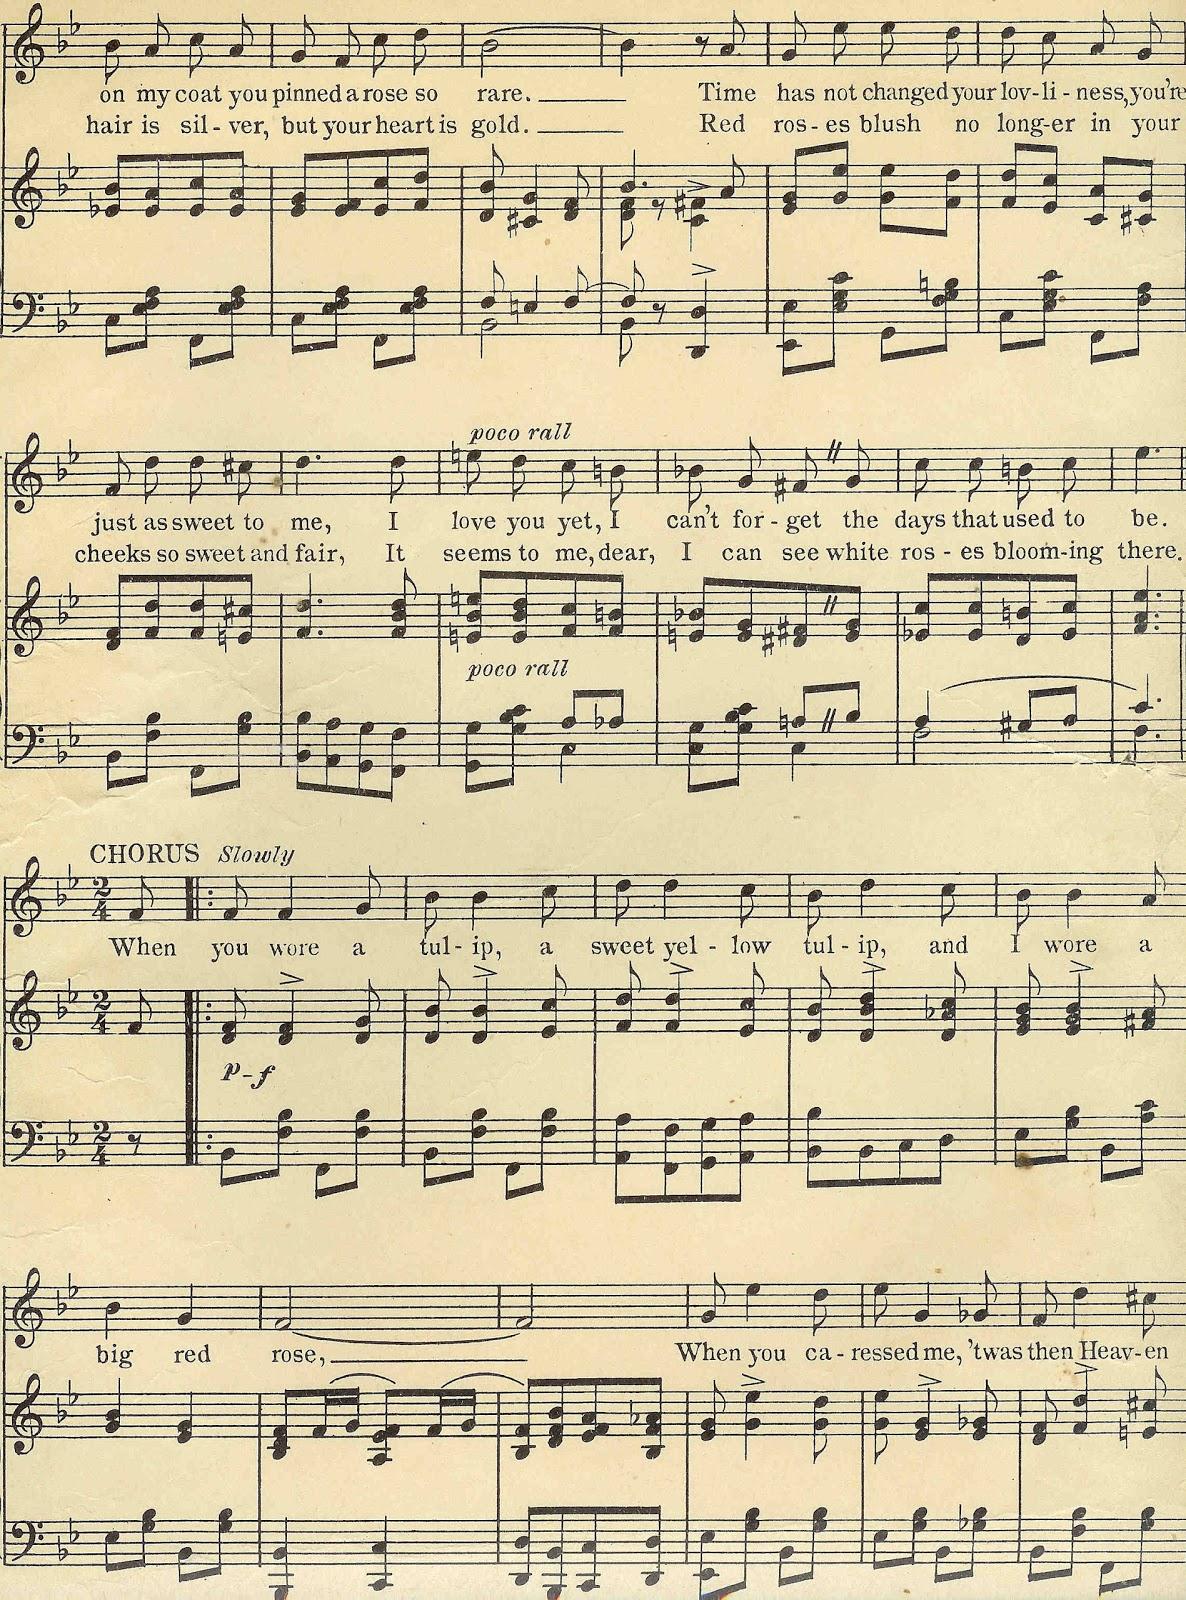 Antique Images Digital Background Of Sheet Music Vintage